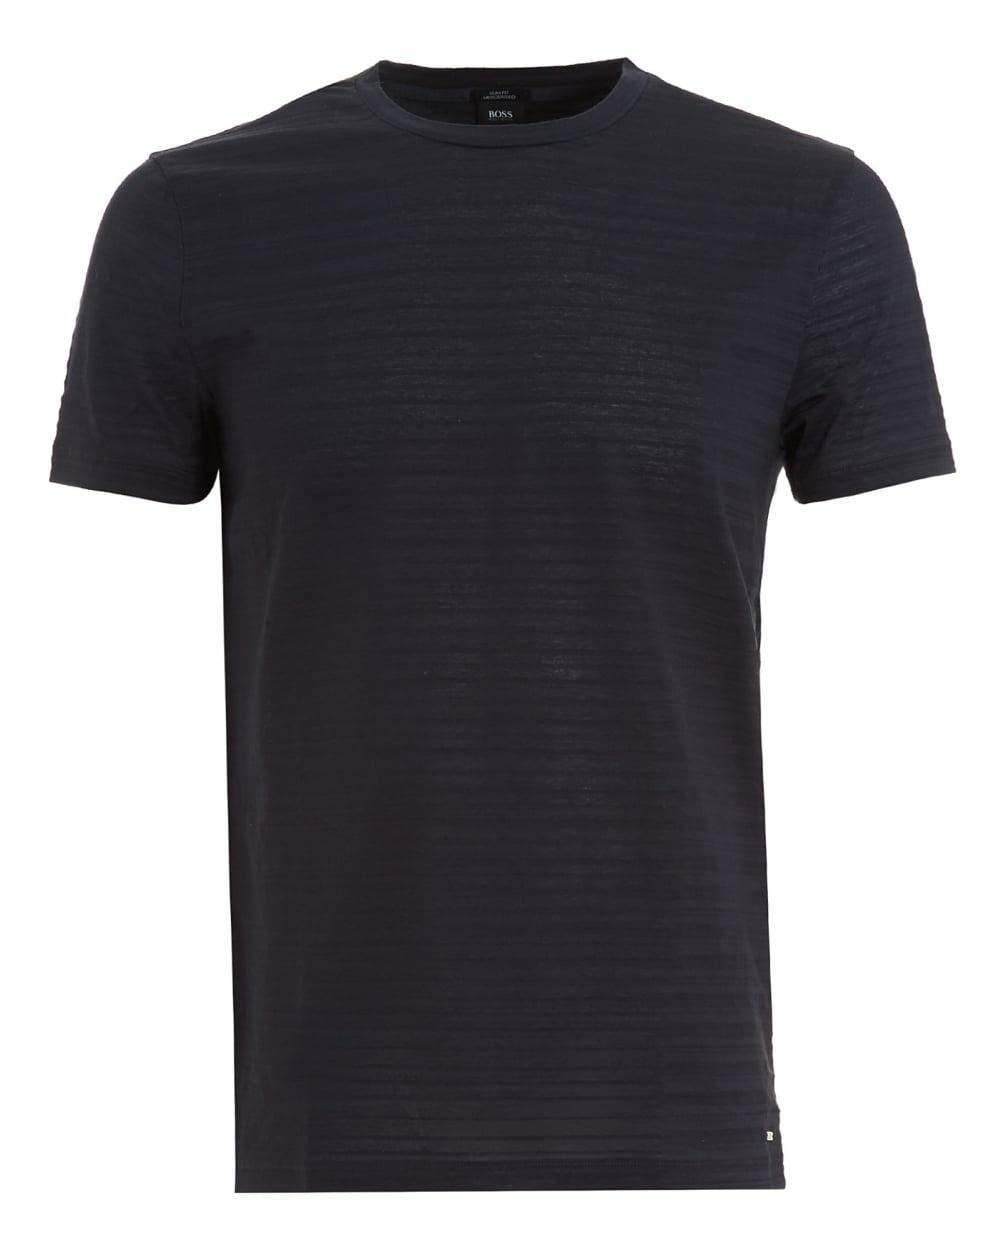 Hugo boss black mens tessler 42 t shirt navy blue tonal for Boss mens t shirts